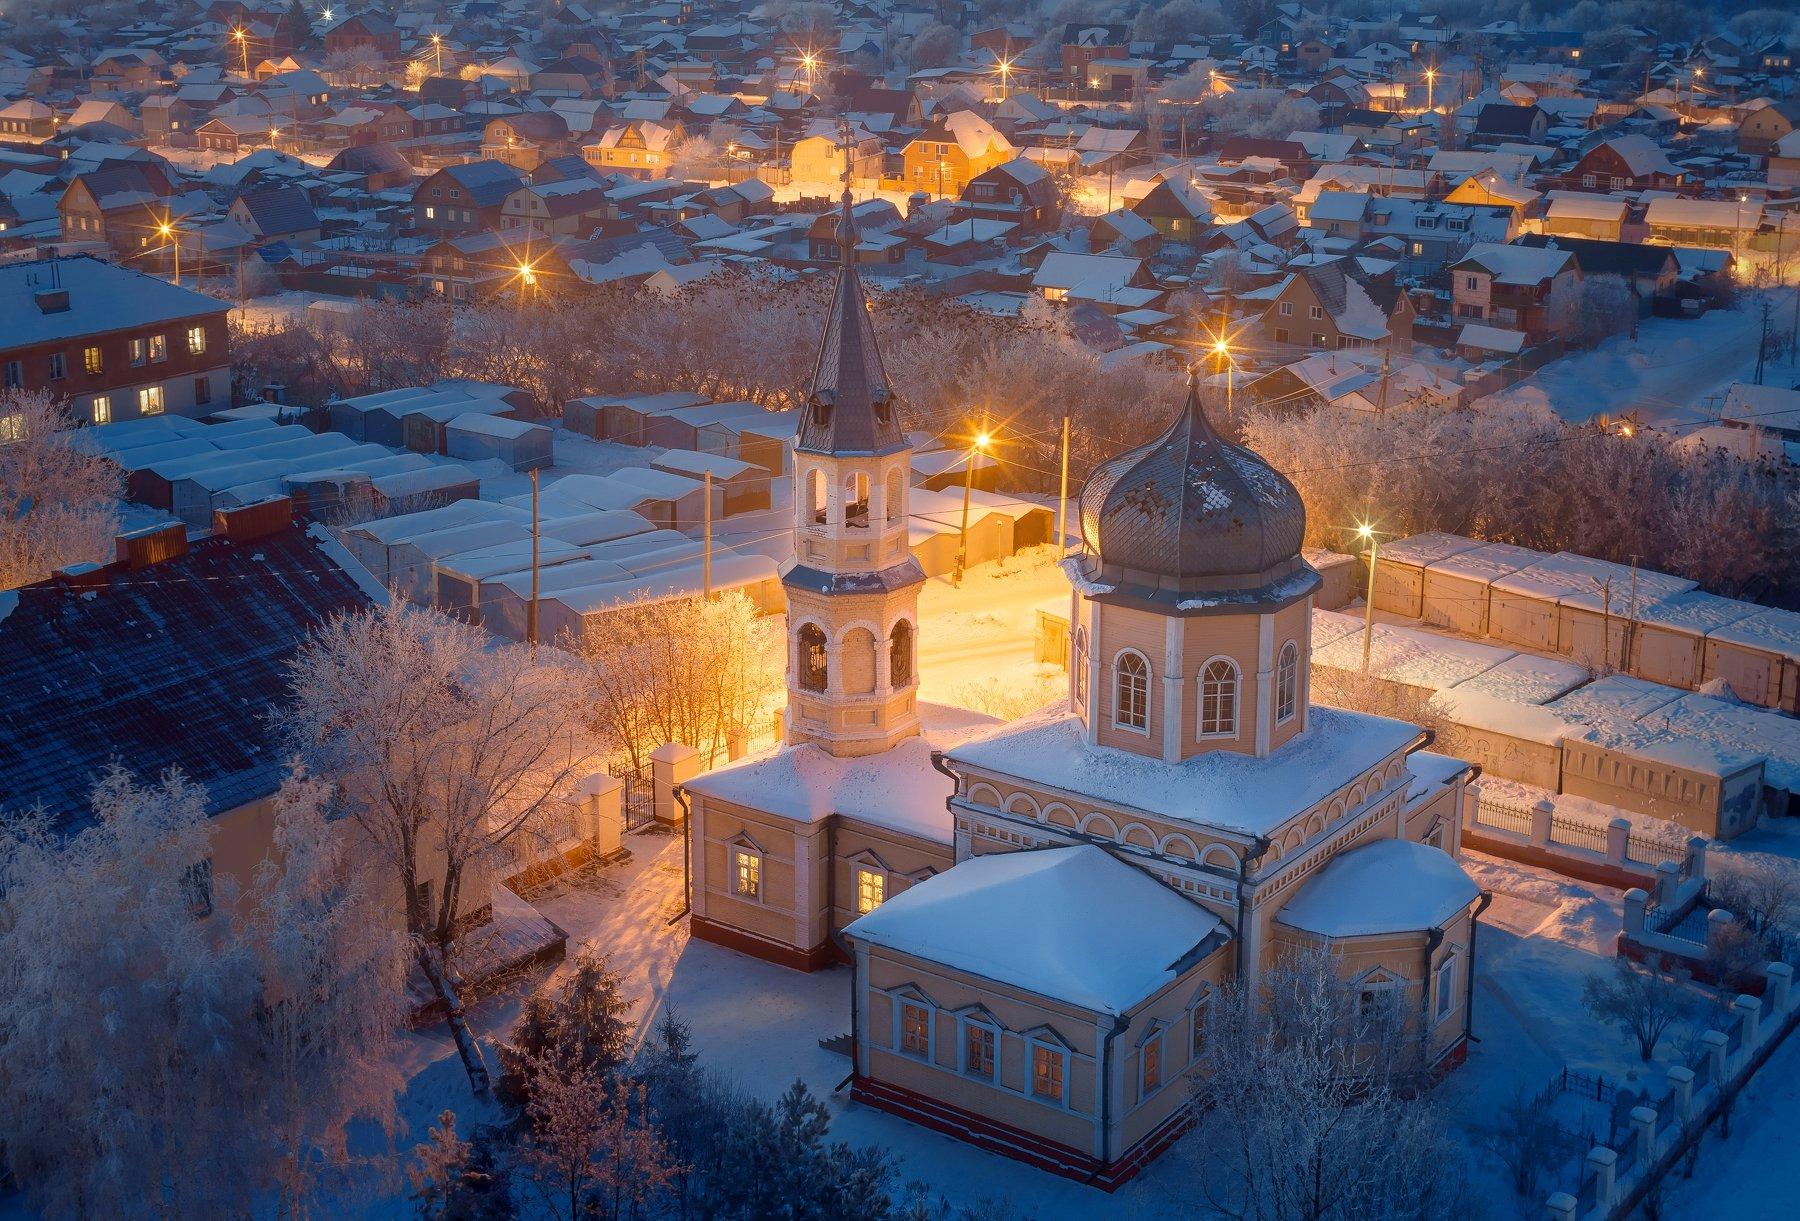 омск, город, церковь, крыша, ночь, мороз, иней, россия, пейзаж, Голубев Алексей